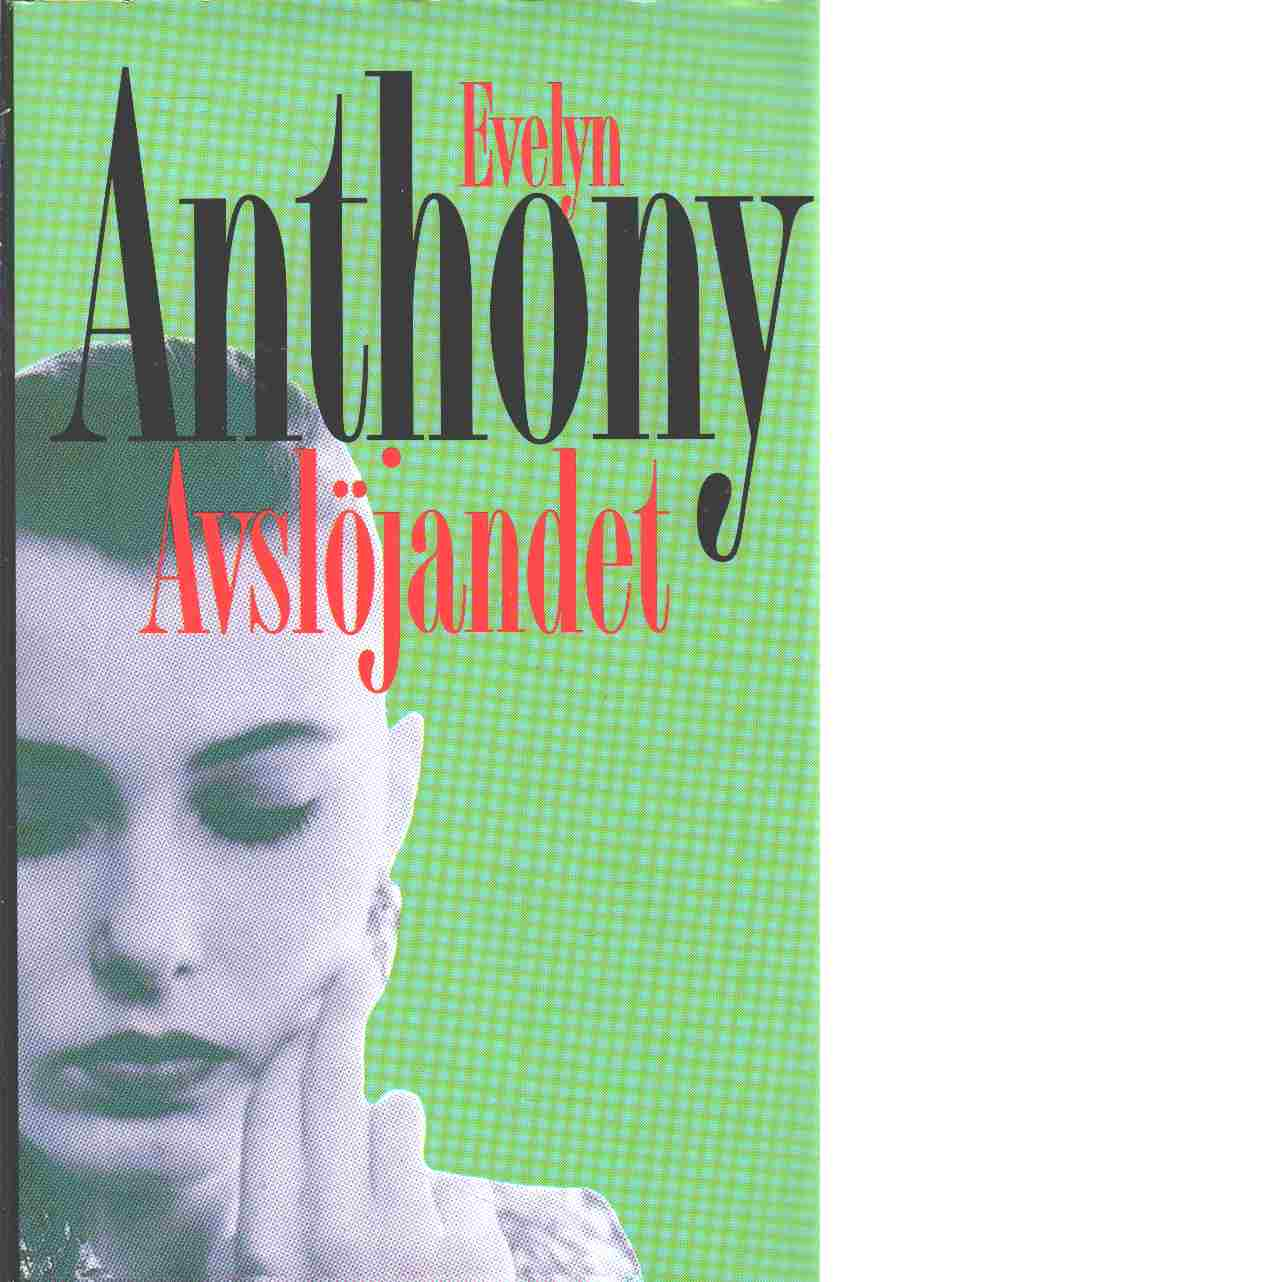 Avslöjandet - Anthony, Evelyn